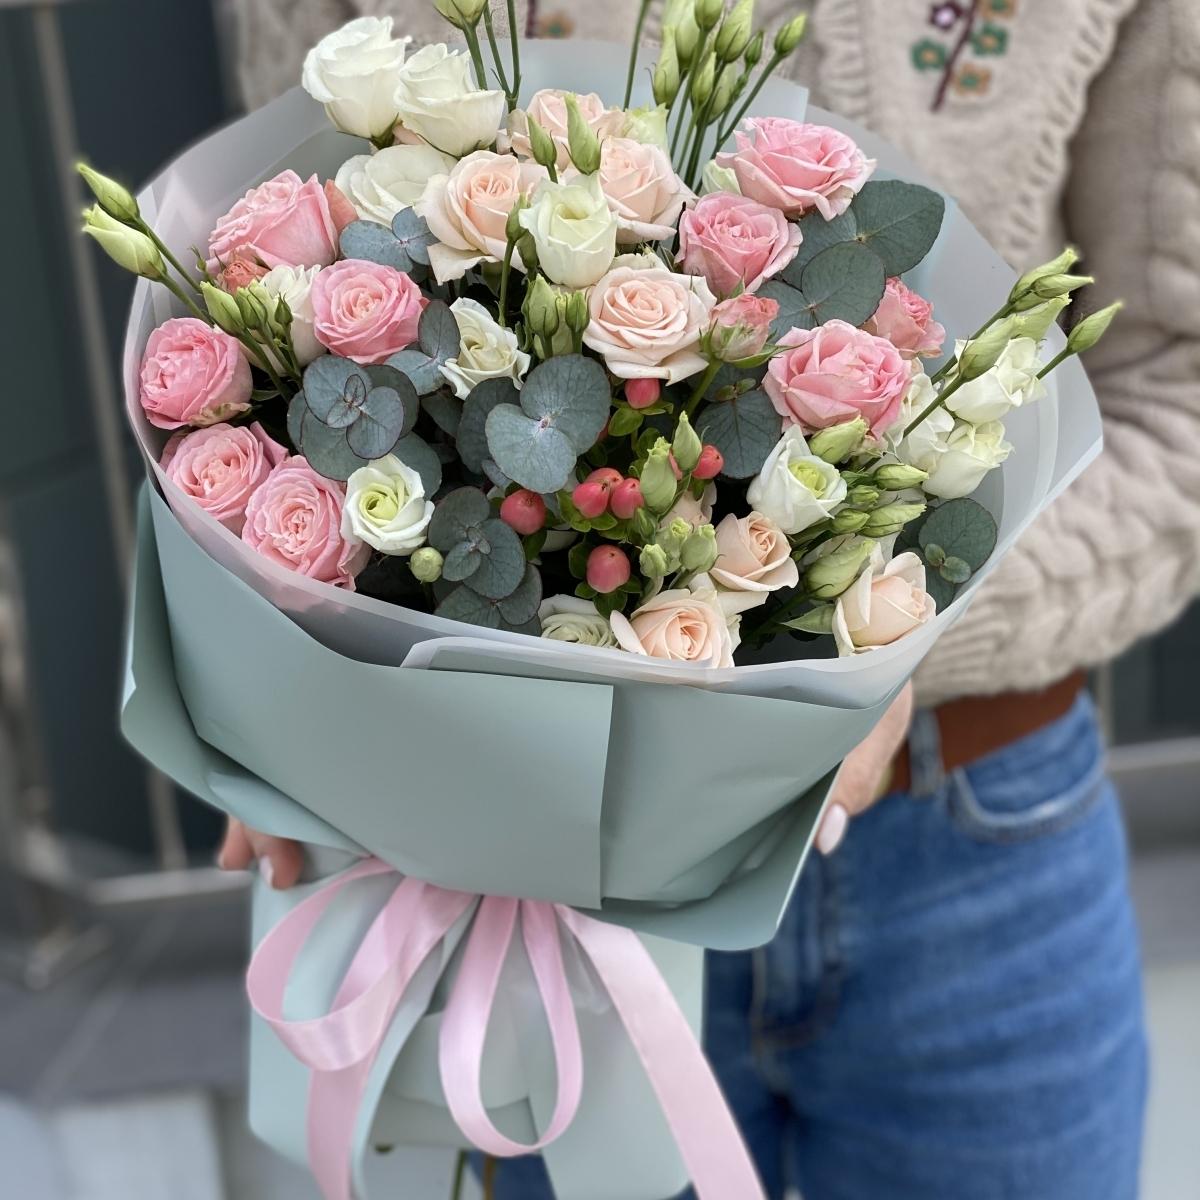 Букет Таинственный из кутовой розы, эустомы и эвкалипта